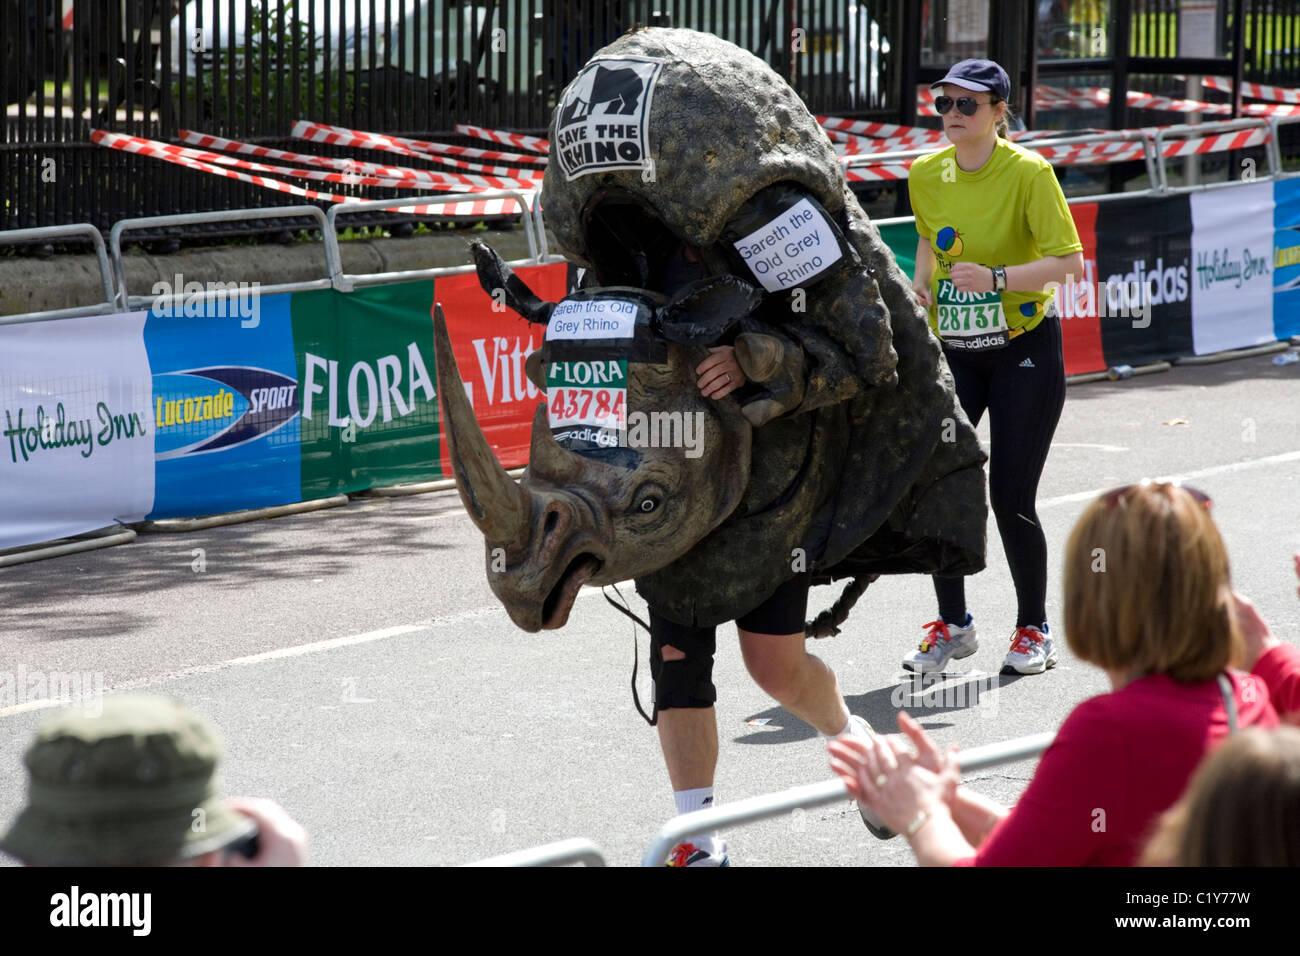 Uomo in costume di rhino in esecuzione nella maratona di Londra Immagini Stock